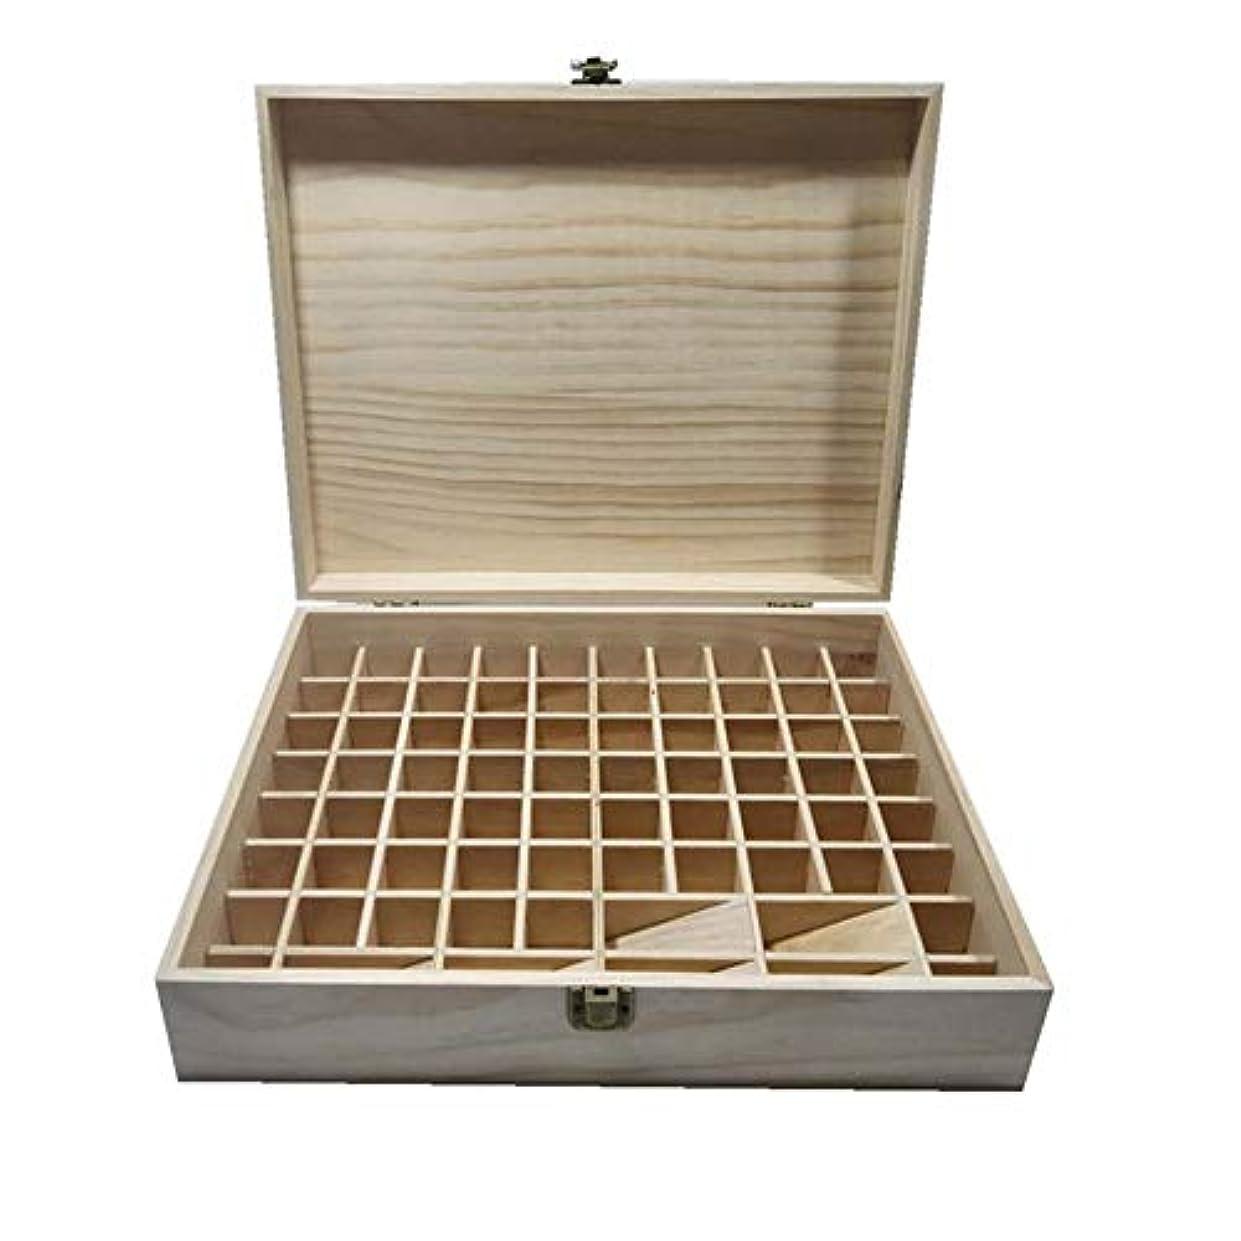 若さオリエンテーションその後エッセンシャルオイルストレージボックス 74スロットエッセンシャルオイルボックス木製収納ケースは、ボトル用エッセンシャルオイルスペースセーバーを開催します 旅行およびプレゼンテーション用 (色 : Natural, サイズ...